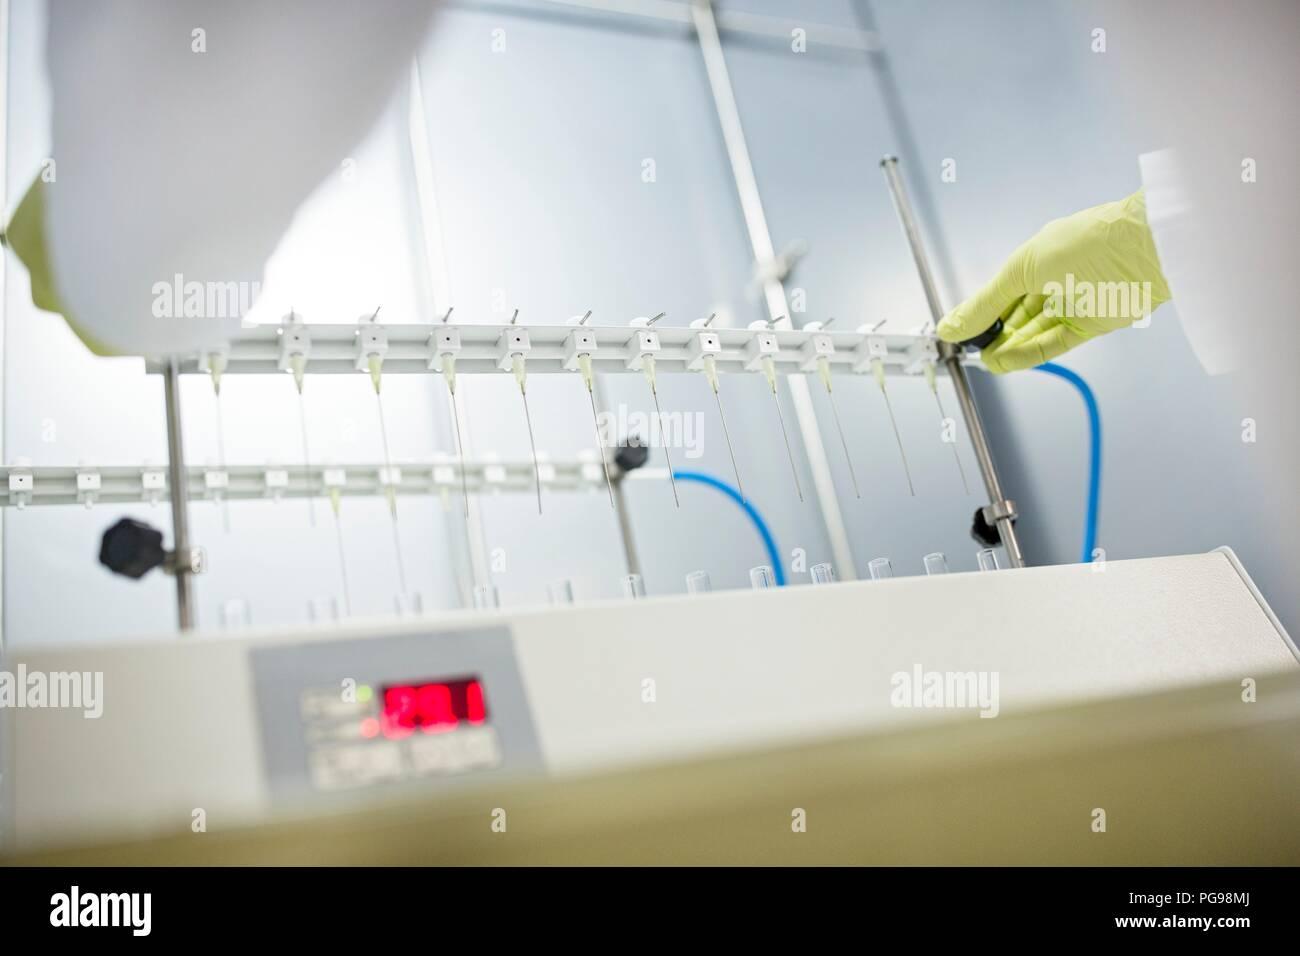 Estrazione in Fase Solida (SPE) colonne essendo posizionato su un supporto. Sds è utilizzato per separare i composti biologici da una miscela per ulteriori analisi. Immagini Stock